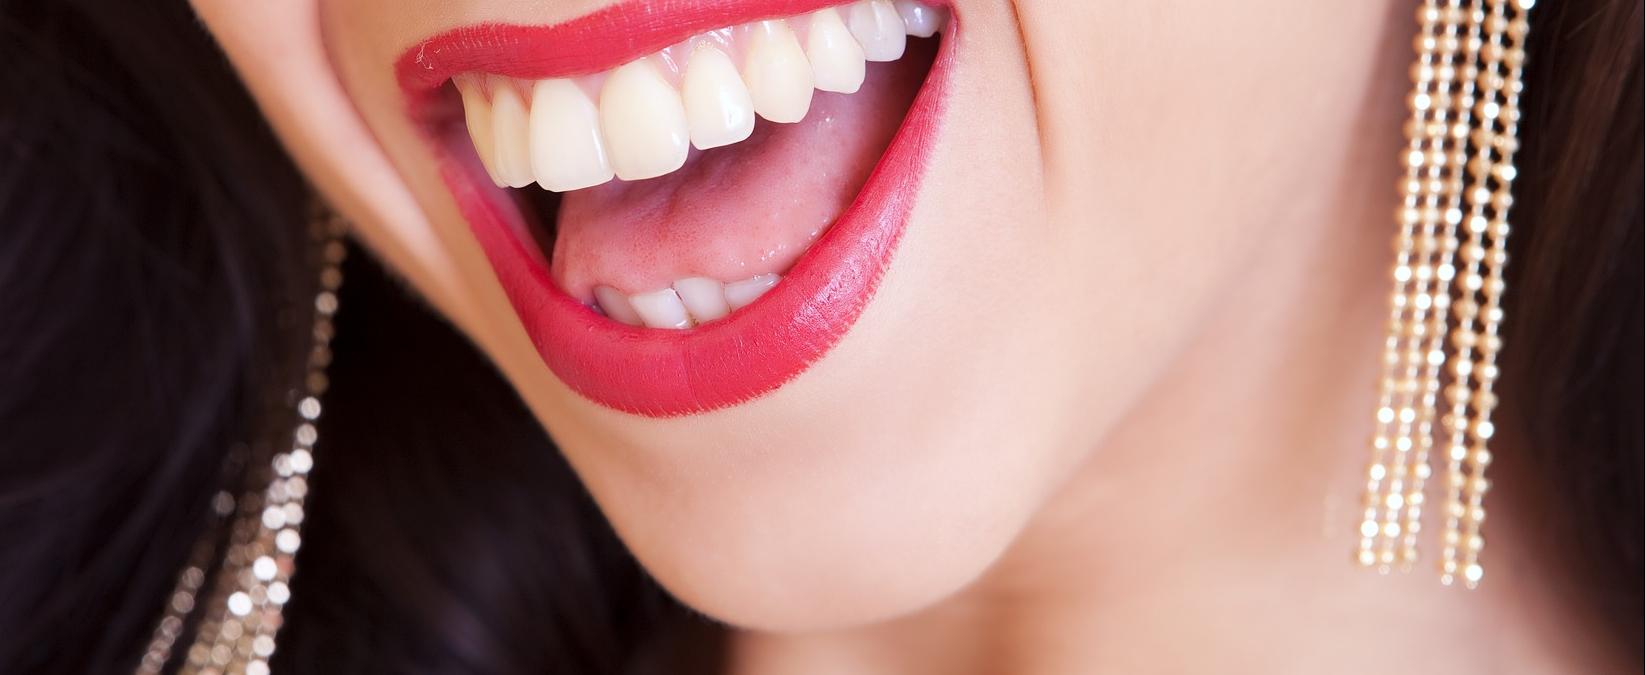 higiena jamy ustnej w ciąży